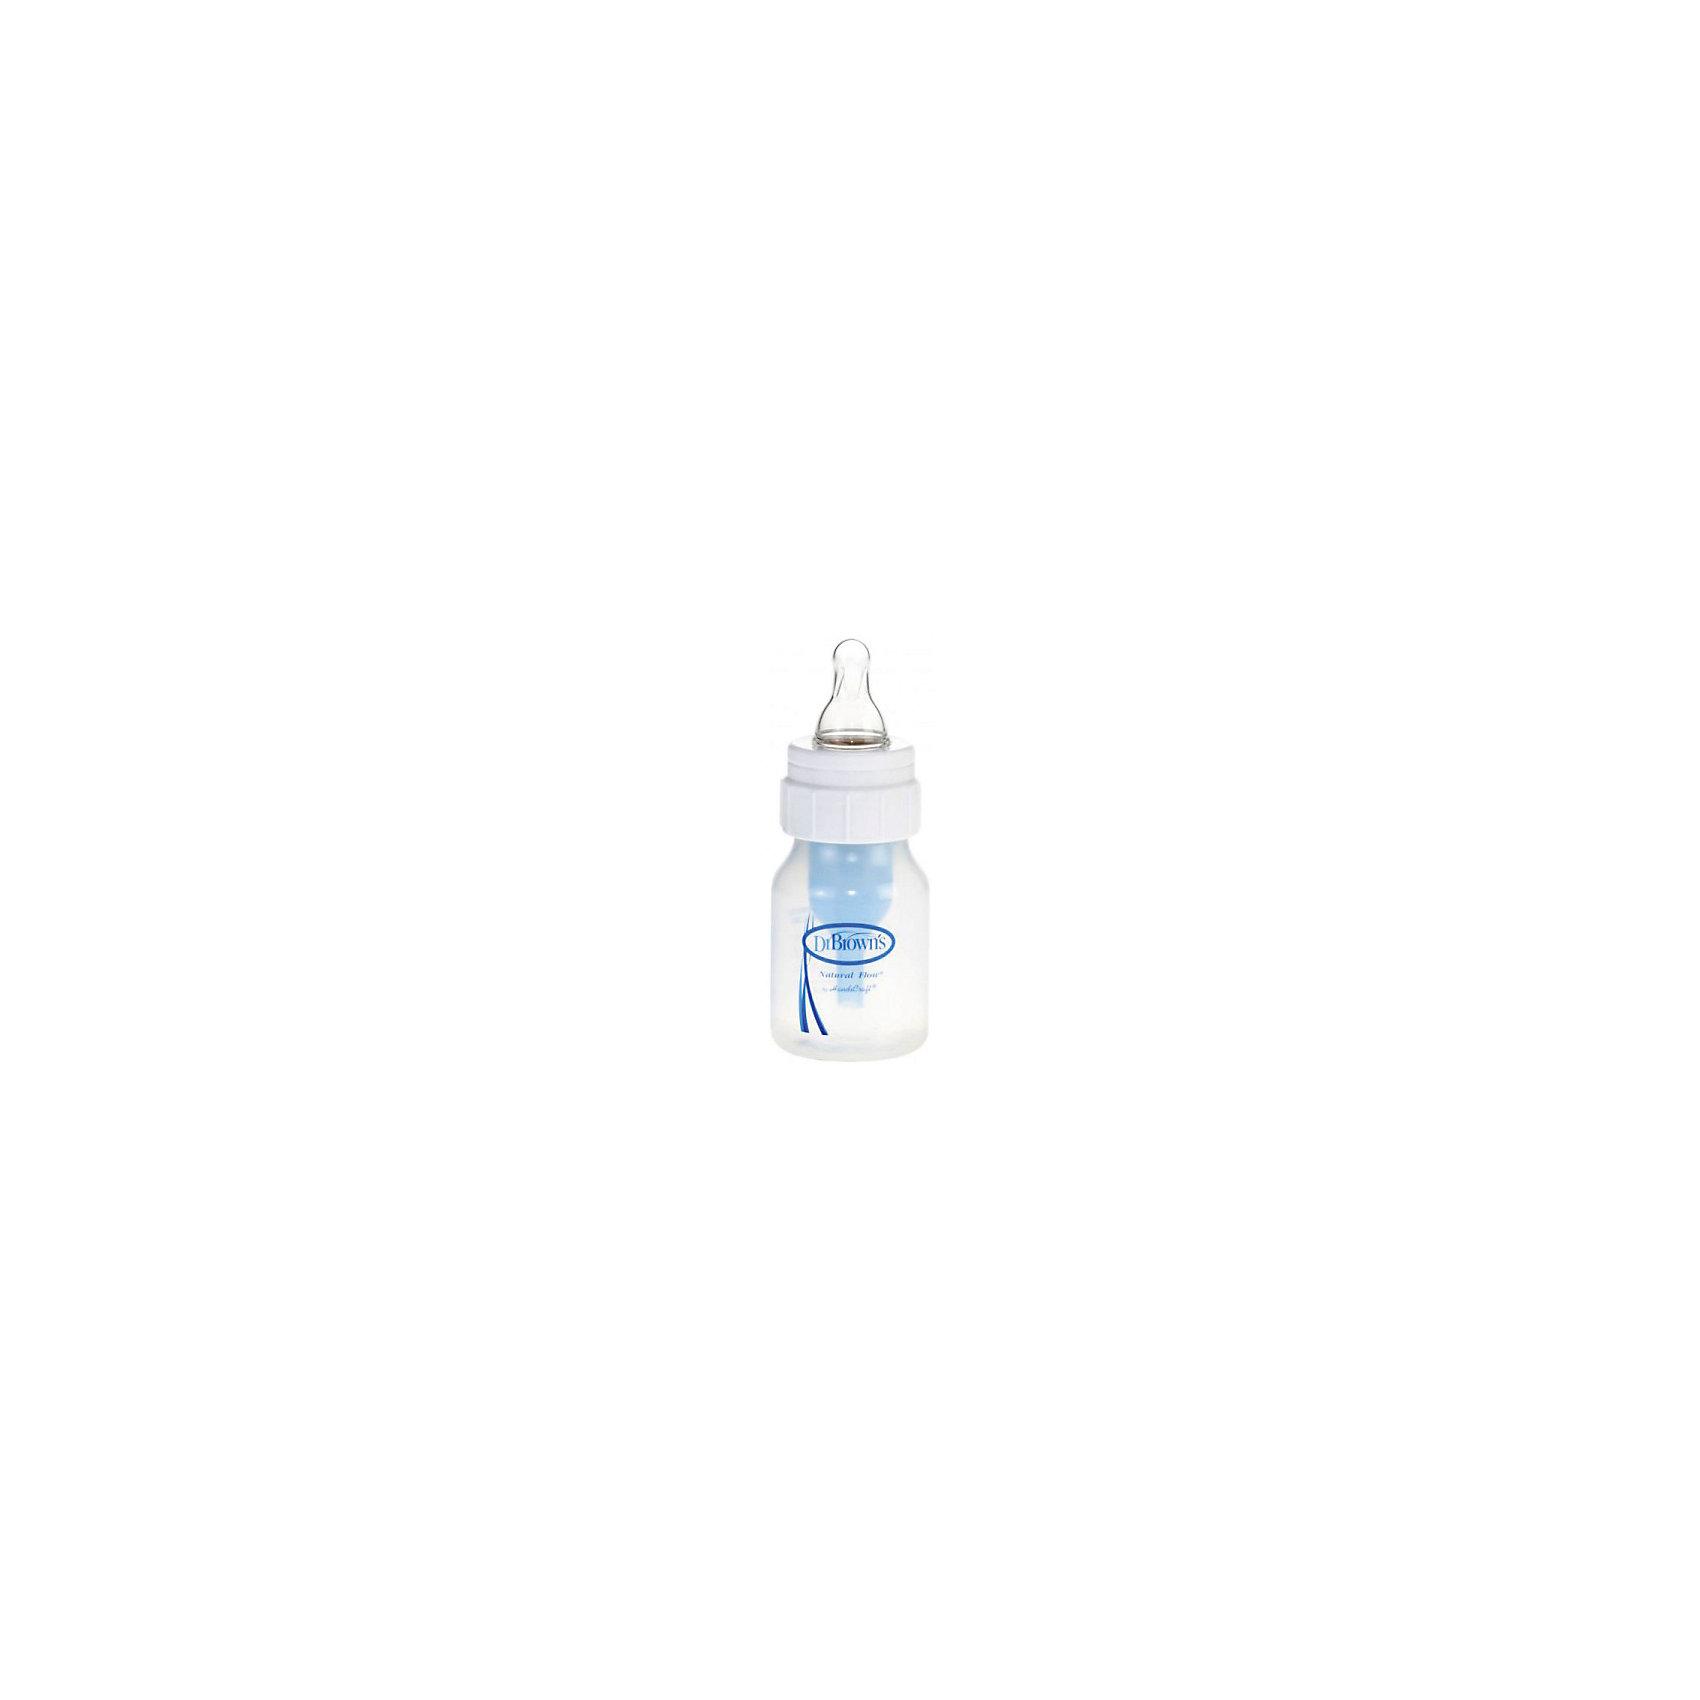 Бутылочка с соской для недоношенных детей 60 мл, ПП, Dr. BrownБутылочка создана специально для недоношенных деток.<br> Это уникальная бутылочка, которая при кормлении ребёнка создает эффект аналогичный кормлению материнской грудью. Такая бутылочка прекрасно подойдет для мамочек сочетающих грудное и искусственное вскармливание. А уникальная вентиляционная система бутылочки позволяет снизить вероятность колик, срыгивания и газов.<br><br>Дополнительная информация:<br><br>- 1 бутылочка.<br>- 1 соска уровень ( для недоношенных детей).<br>- Ёршик для чистки вентиляционной системы.<br>-  Объем: 60 мл.<br>- Материал: полипропилен, силикон.<br><br>Купить бутылочку с соской для недоношенных детей 60 мл., от Dr. Brown, можно в нашем магазине.<br><br>Ширина мм: 53<br>Глубина мм: 53<br>Высота мм: 175<br>Вес г: 95<br>Возраст от месяцев: -2147483648<br>Возраст до месяцев: 2147483647<br>Пол: Унисекс<br>Возраст: Детский<br>SKU: 4796729